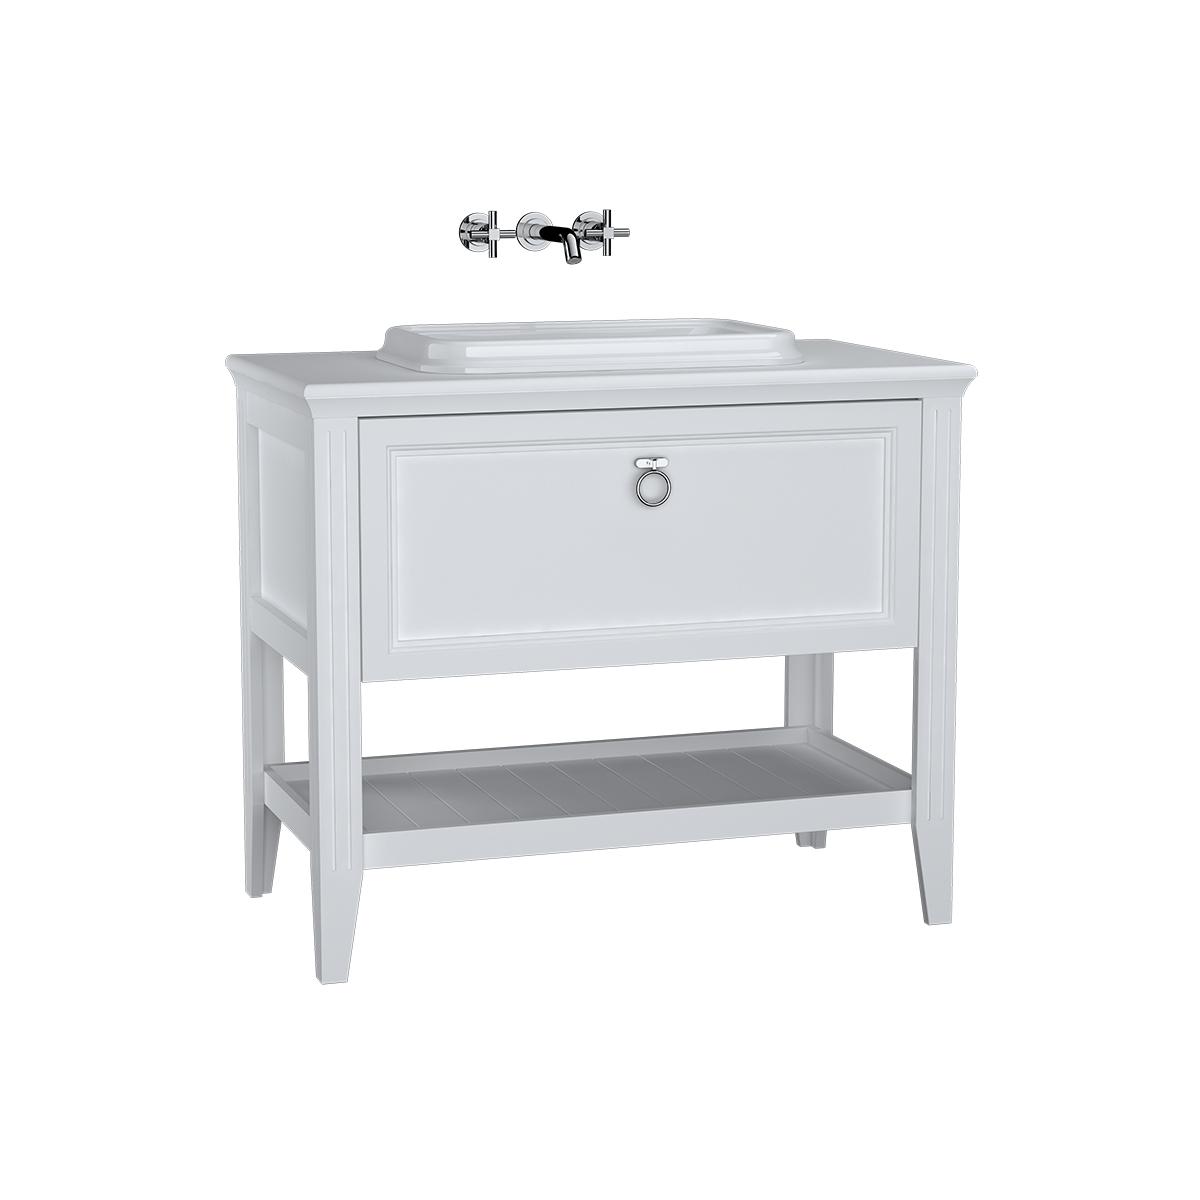 Valarte meuble sous vasque encastrée, 100 cm, avec tiroir, blanc mat